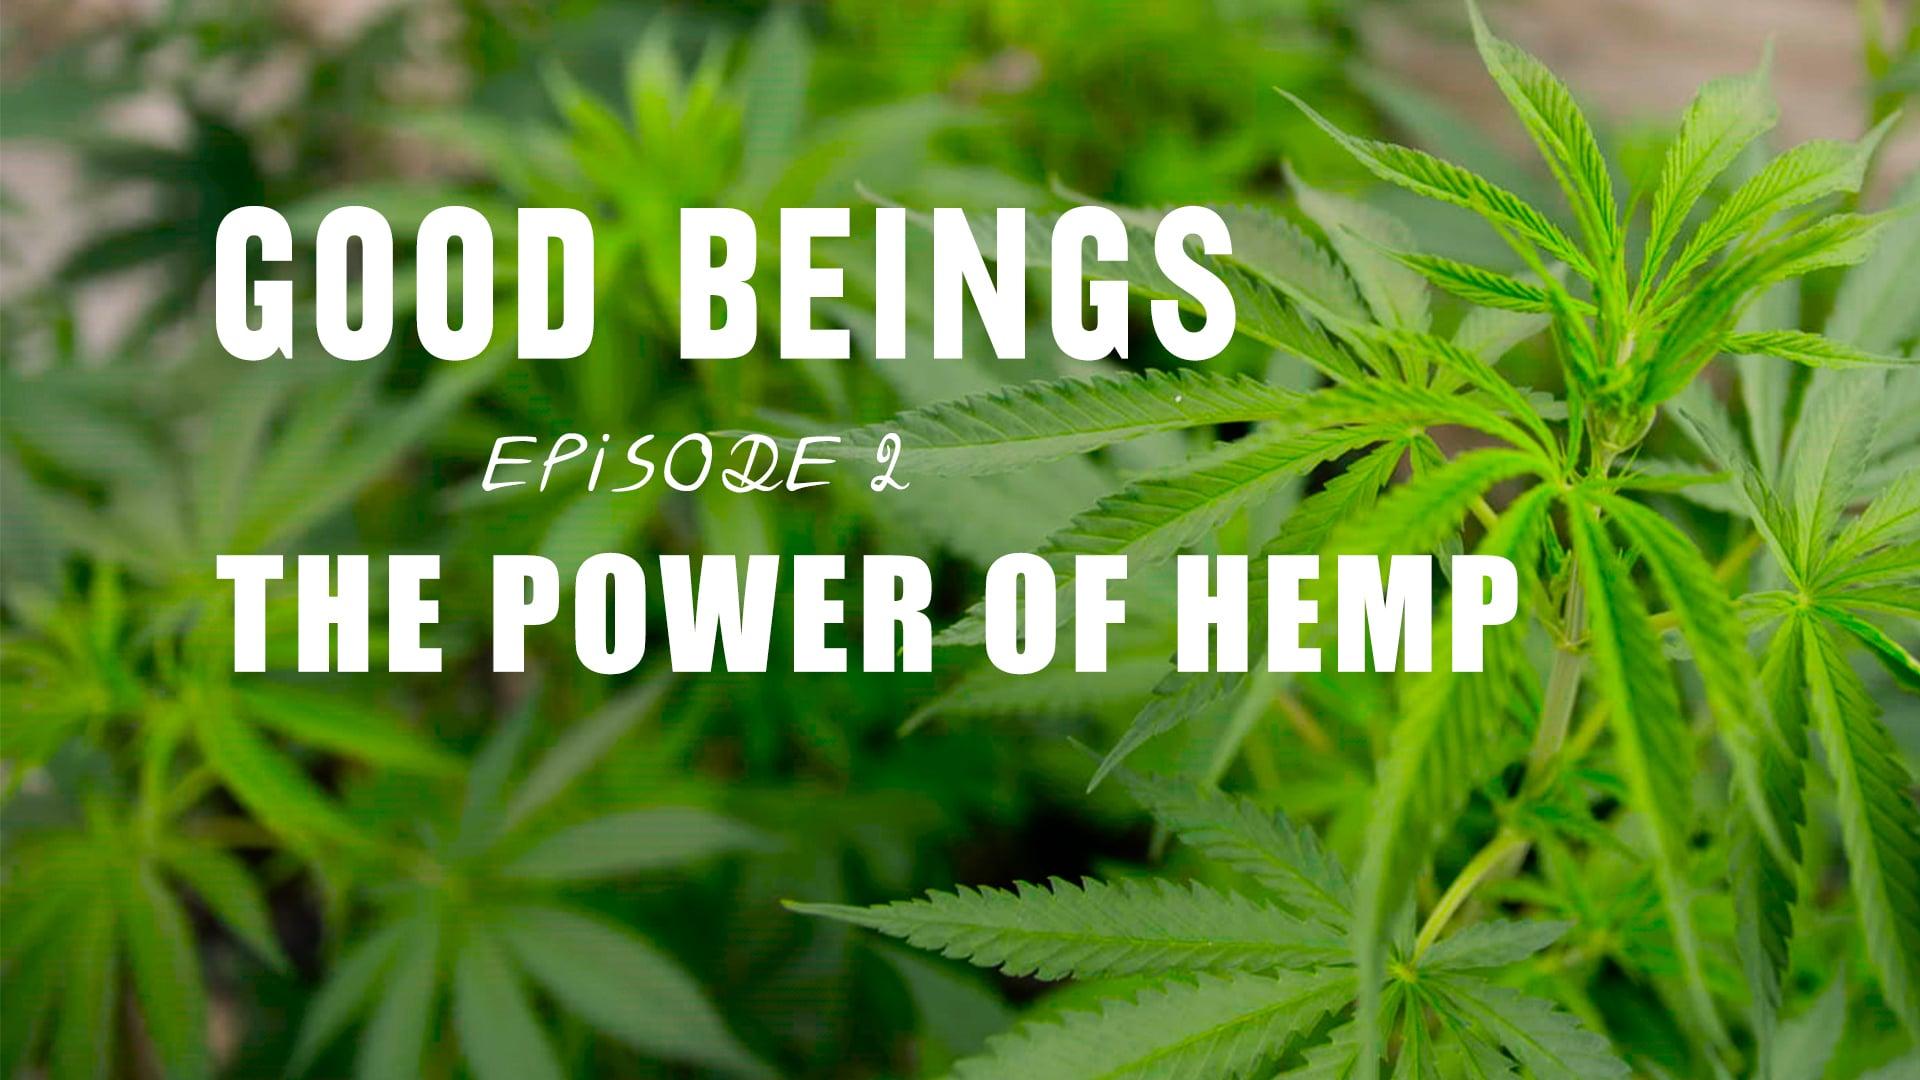 Good Beings EP2: The Power of Hemp